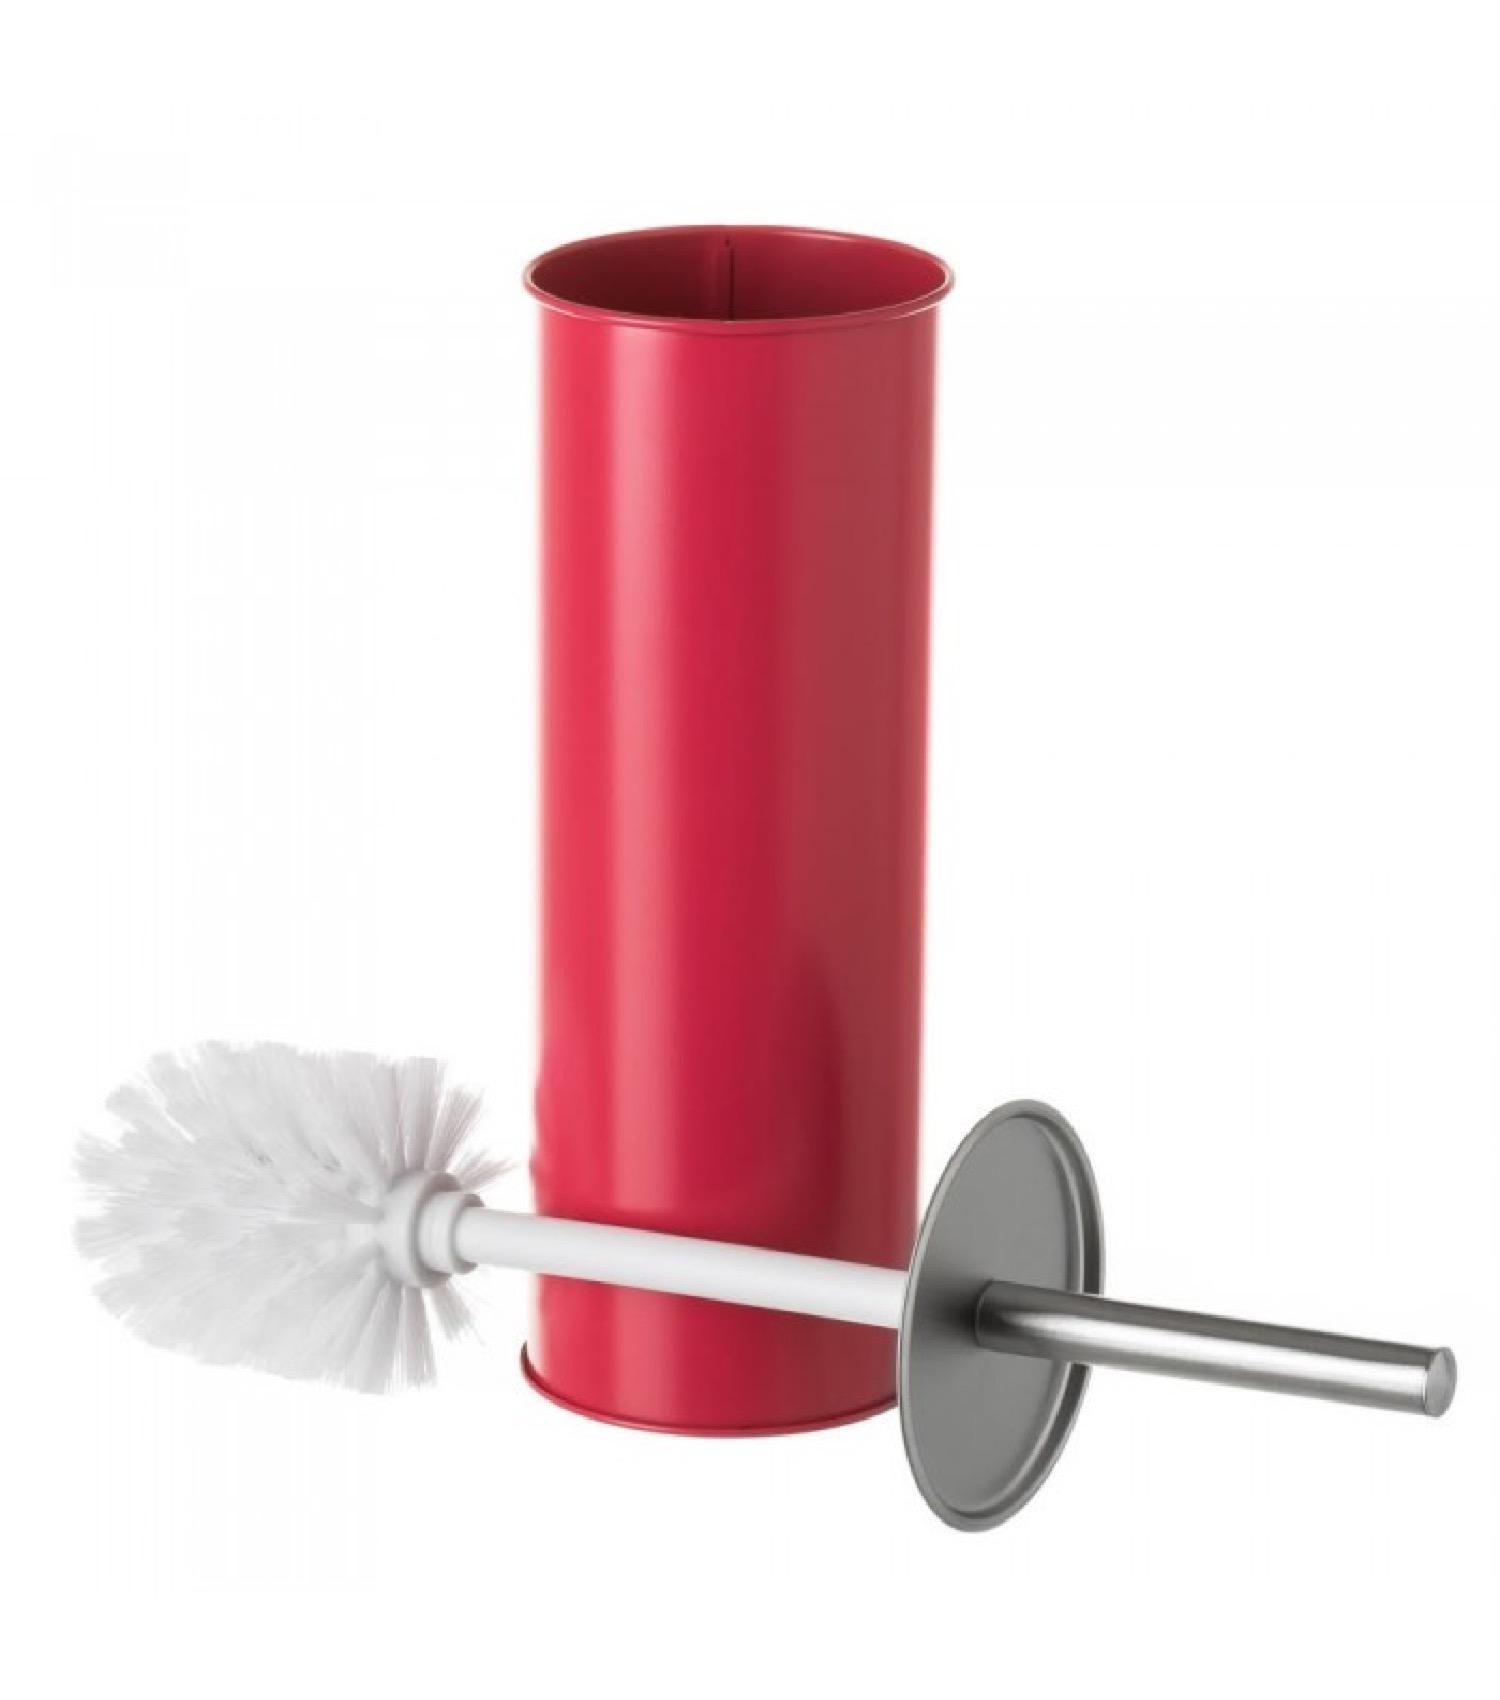 Balai brosse WC en métal rouge